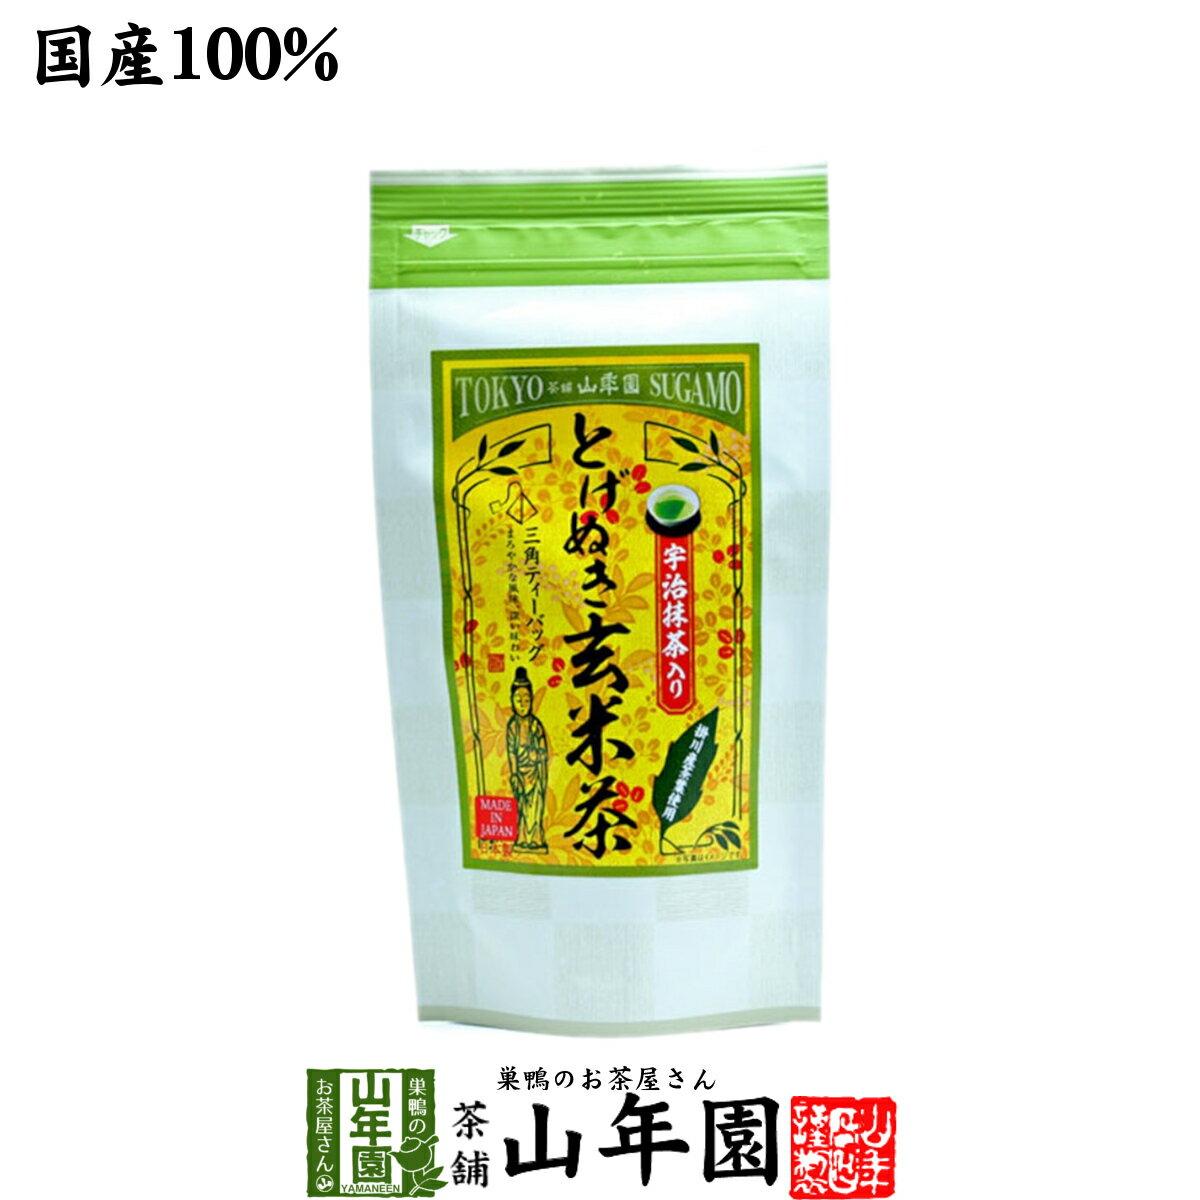 茶葉・ティーバッグ, 日本茶  3g15 100 2021